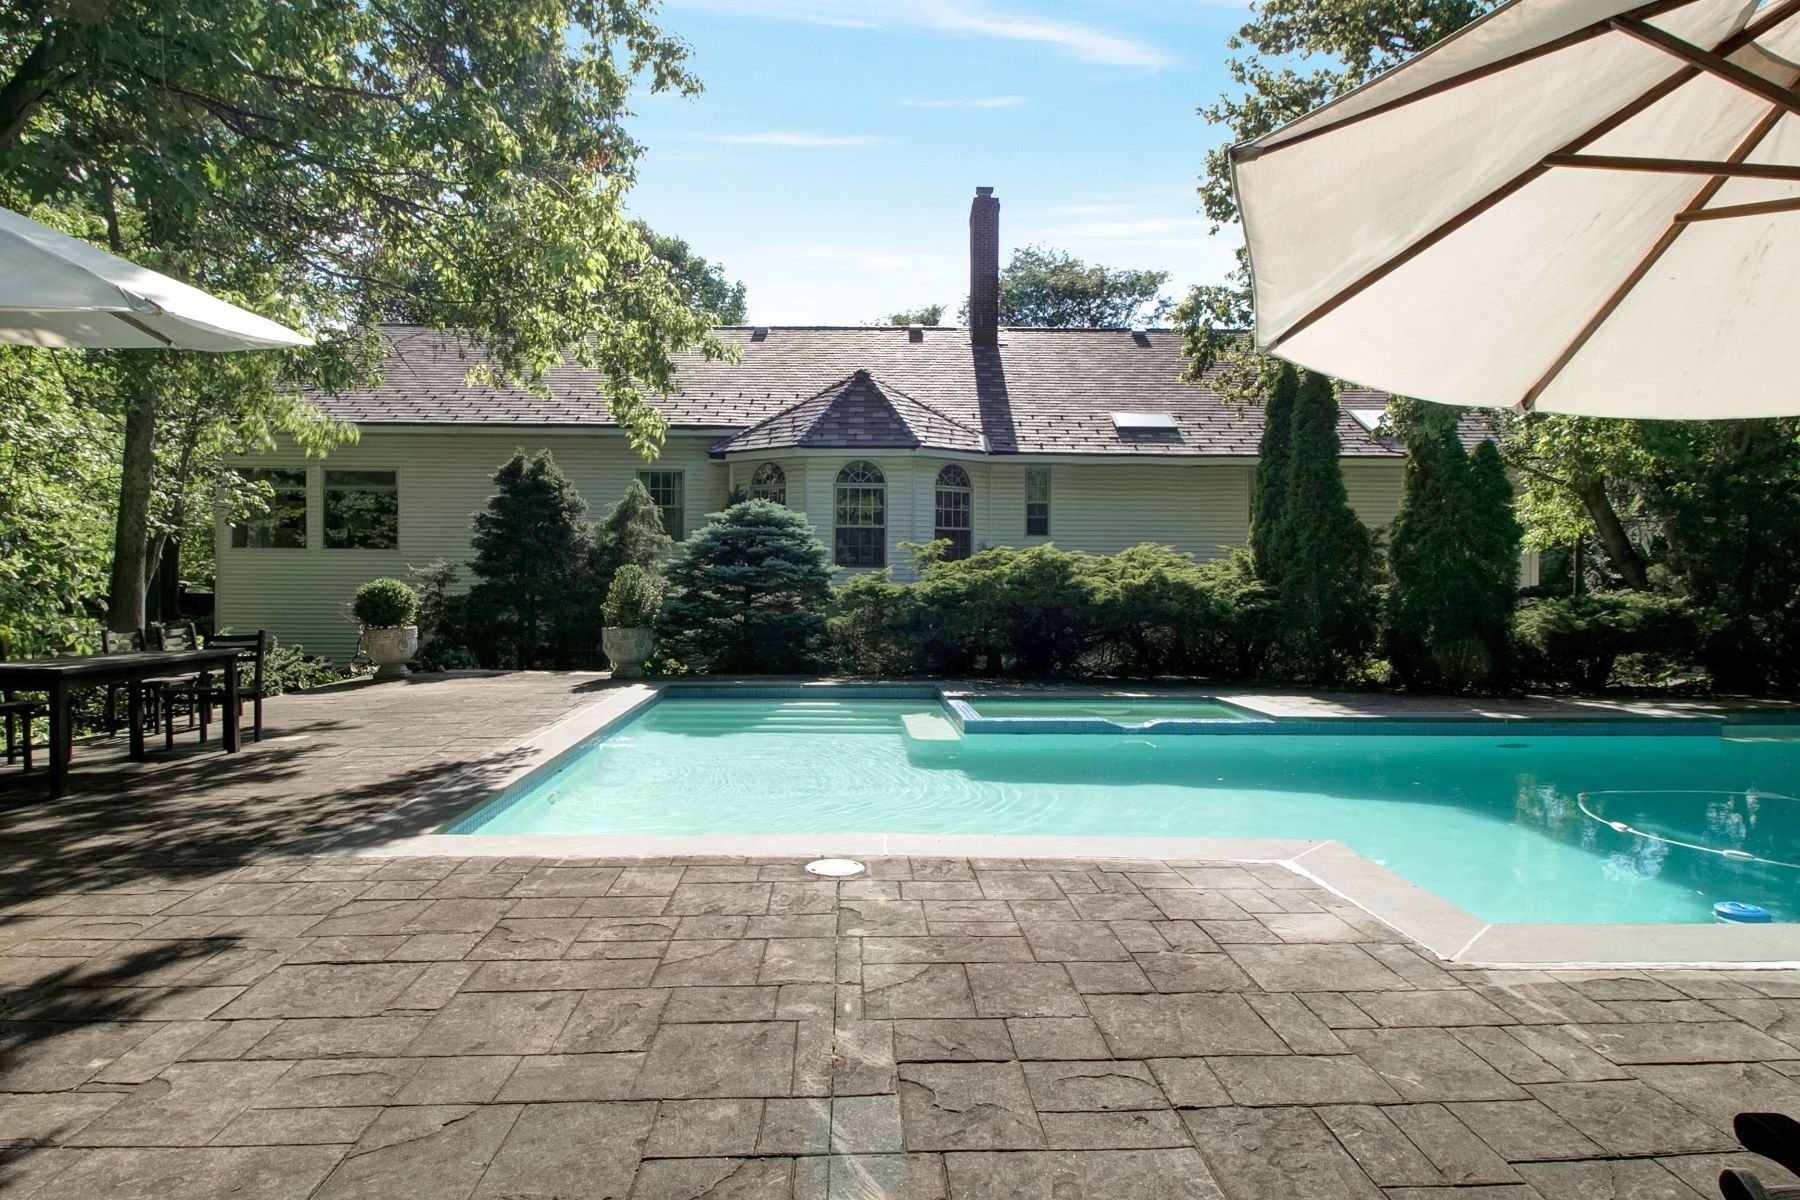 独户住宅 为 销售 在 Stunning East Hill Home! 30 Lancaster Road 特纳弗莱, 新泽西州 07670 美国